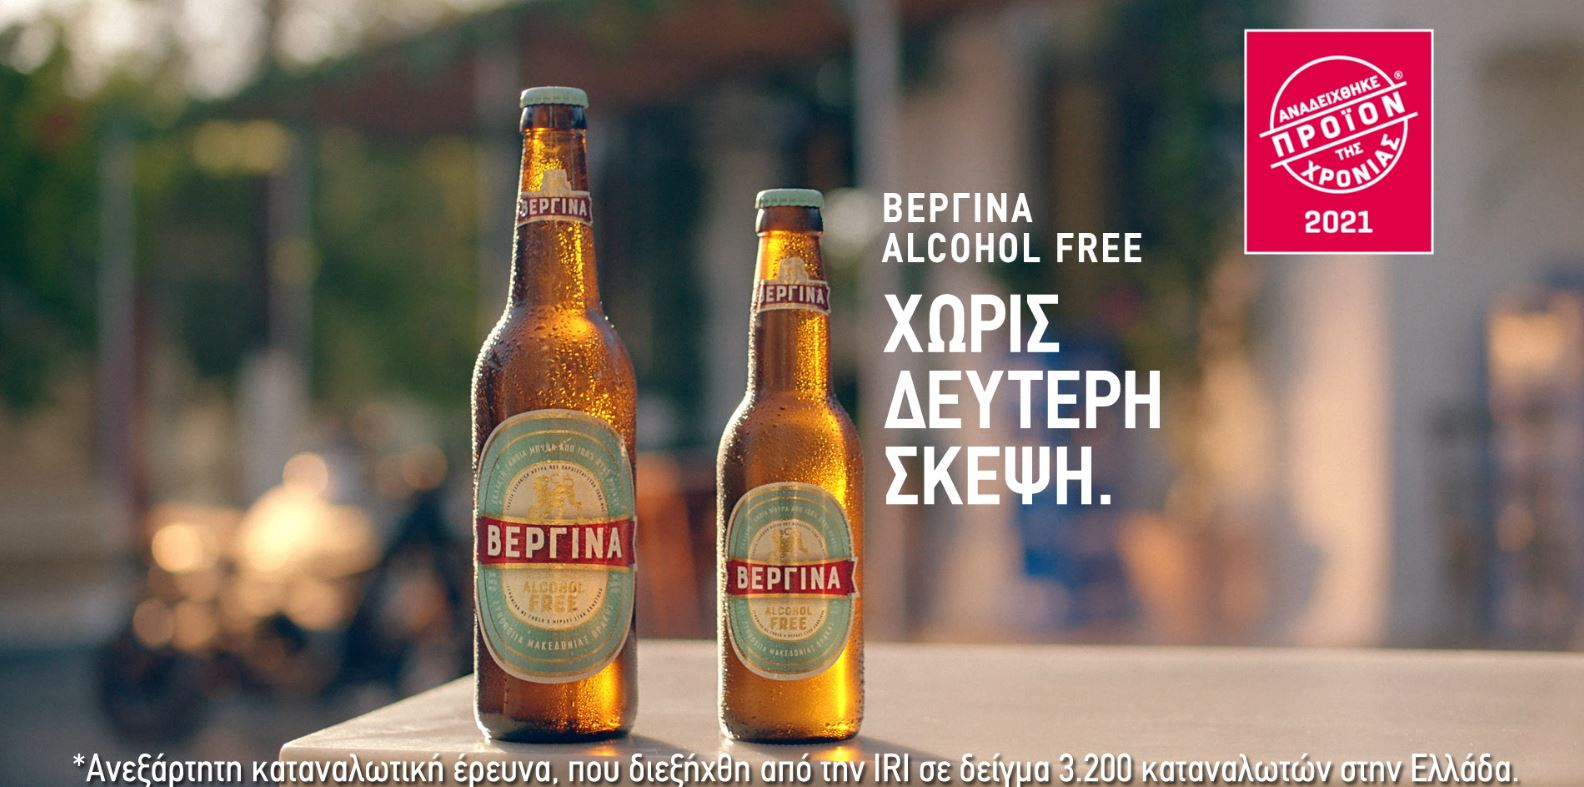 «Ελεύθερη» από αλκοόλ, αλλά με την ίδια μεστή γεύση μιας αυθεντικής ΒΕΡΓΙΝΑ Lager, είναι η μπύρα που θα απολαύσεις κάθε στιγμή της ημέρας  «Χωρίς Δεύτερη Σκέψη».